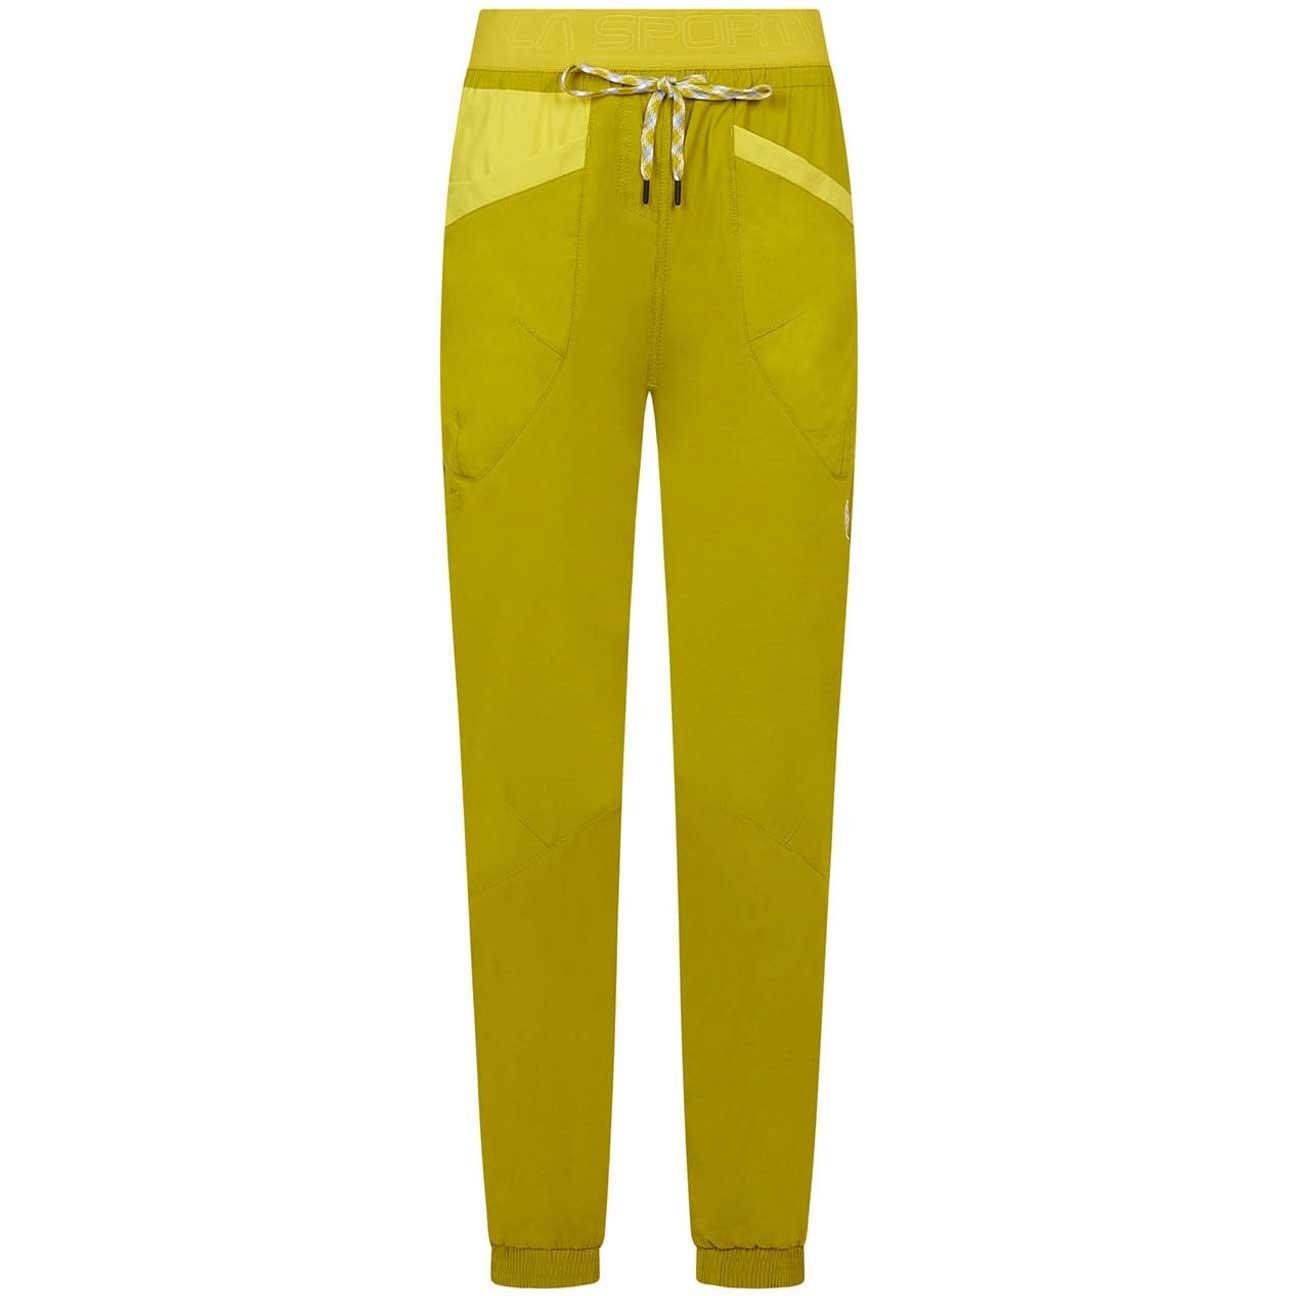 La Sportiva Mantra Pants - Women's - Kiwi/Celery